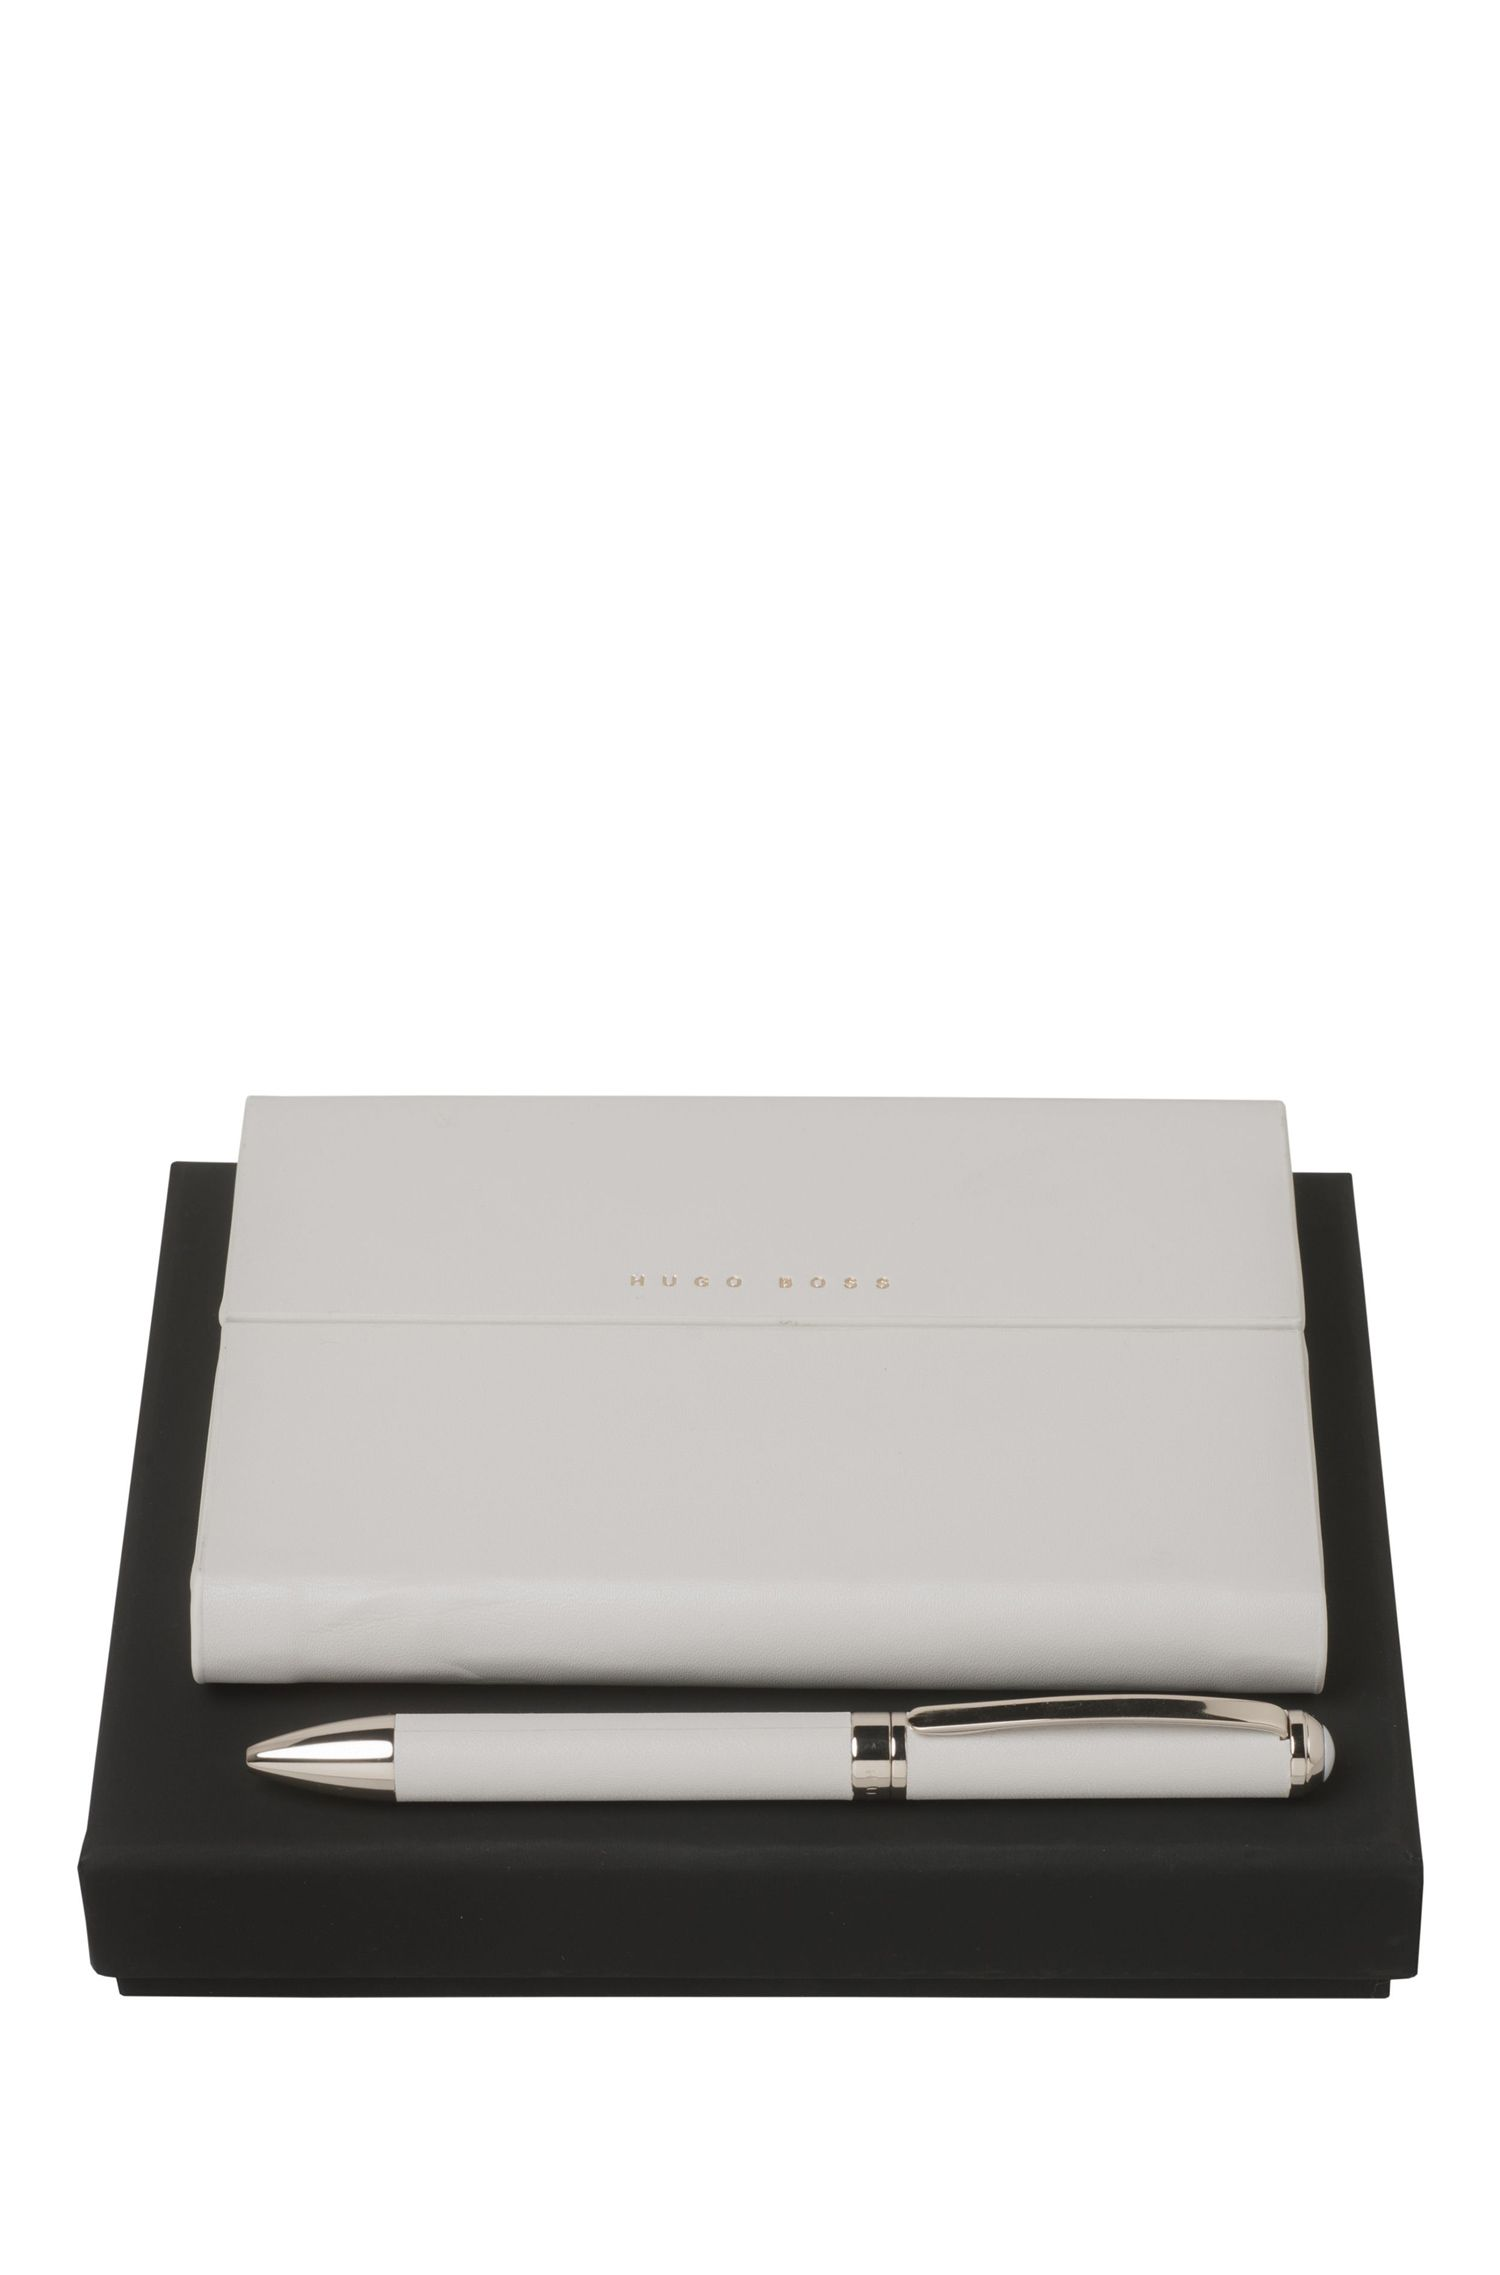 'HPBM606K'   Verse Ballpoint Pen, Notebook Set